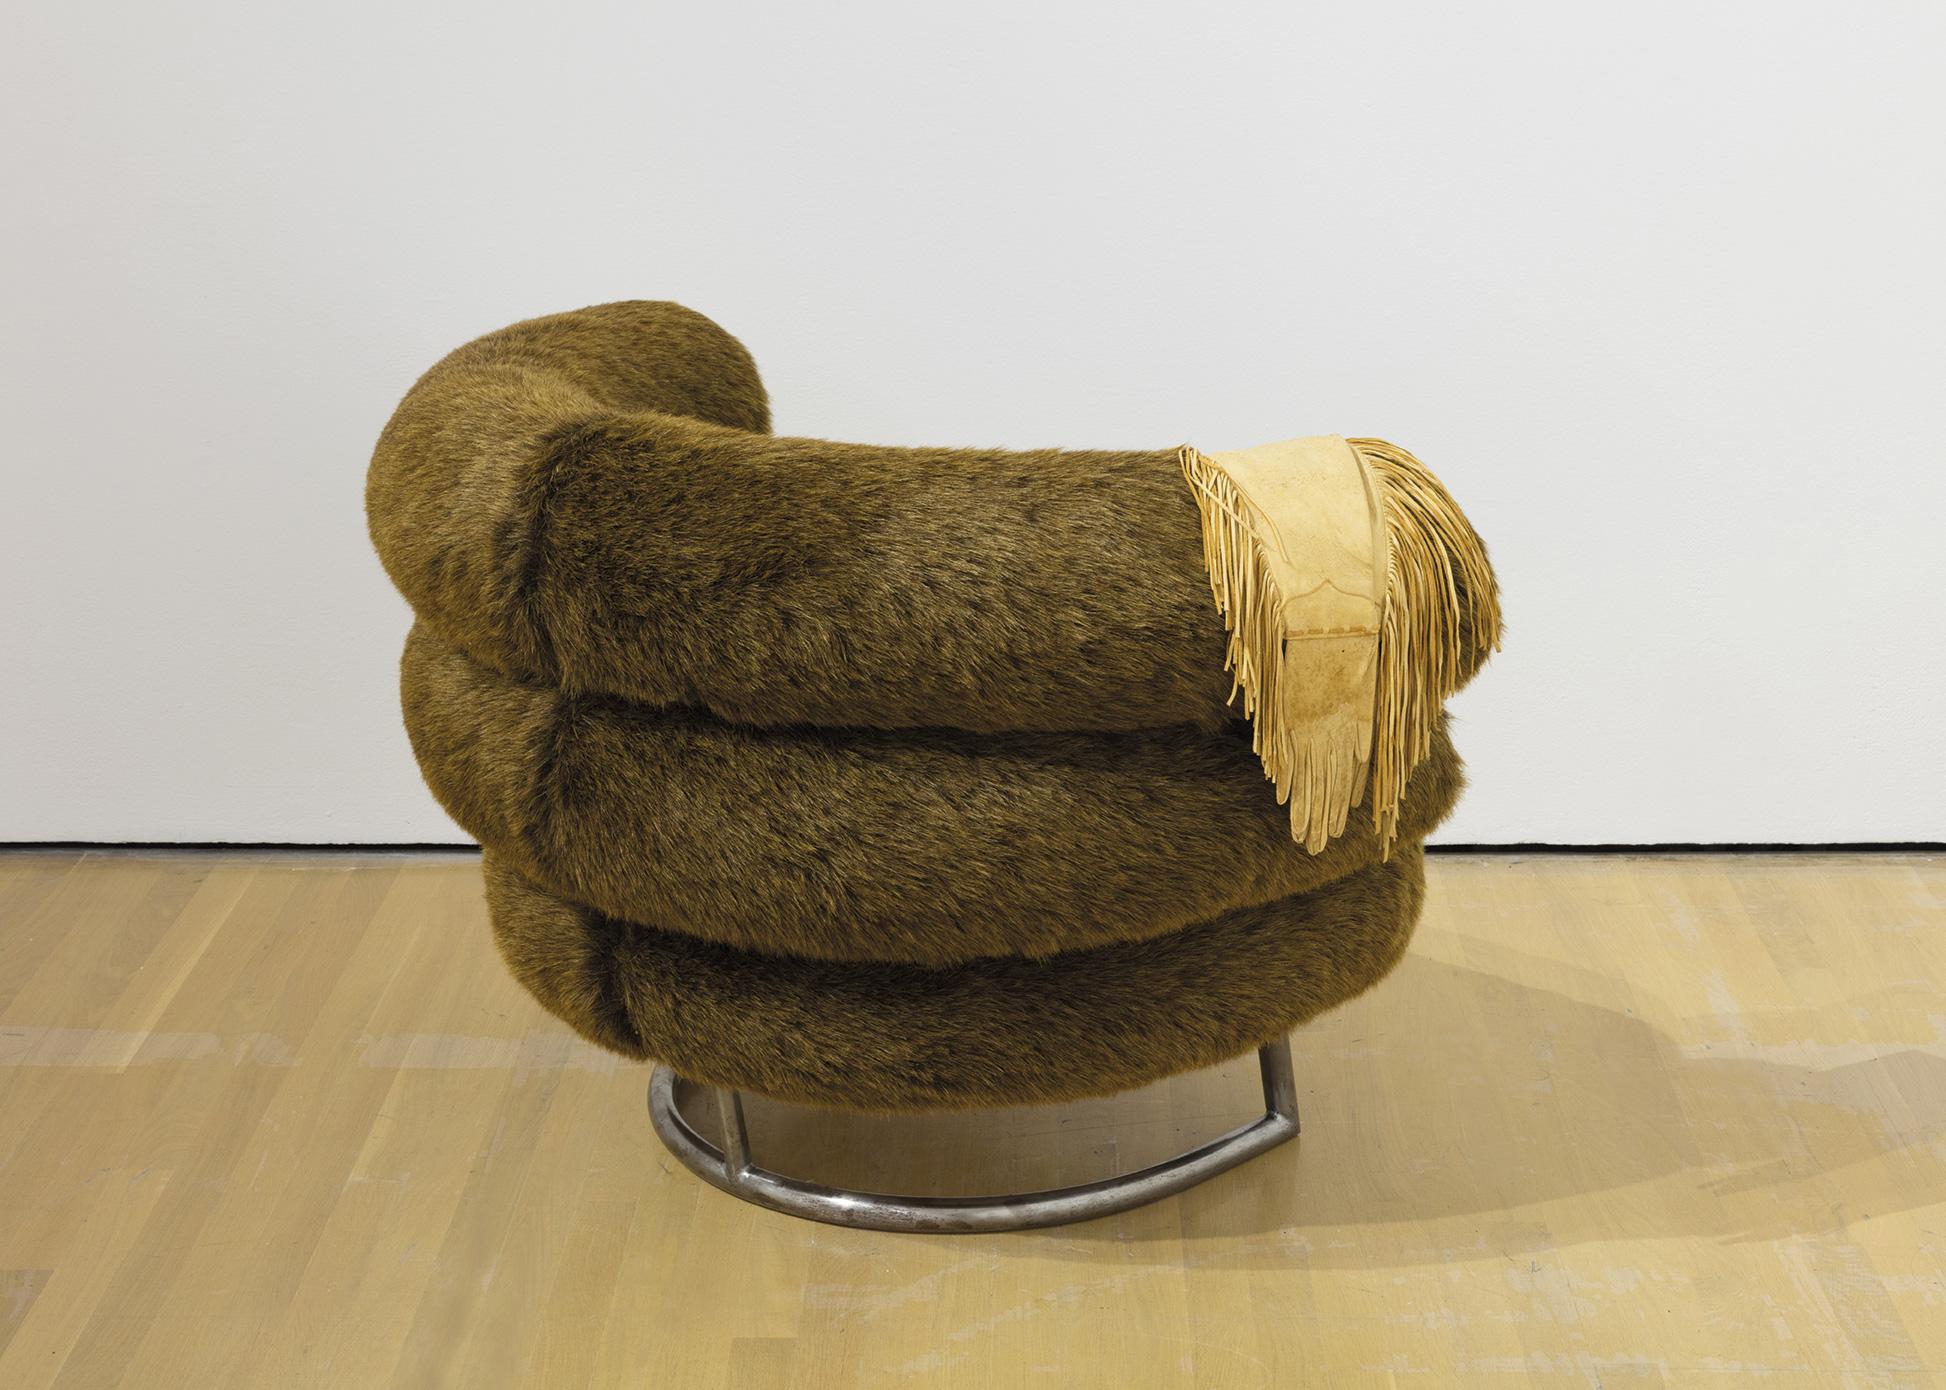 Liz_Magor_mamac-banff-chair